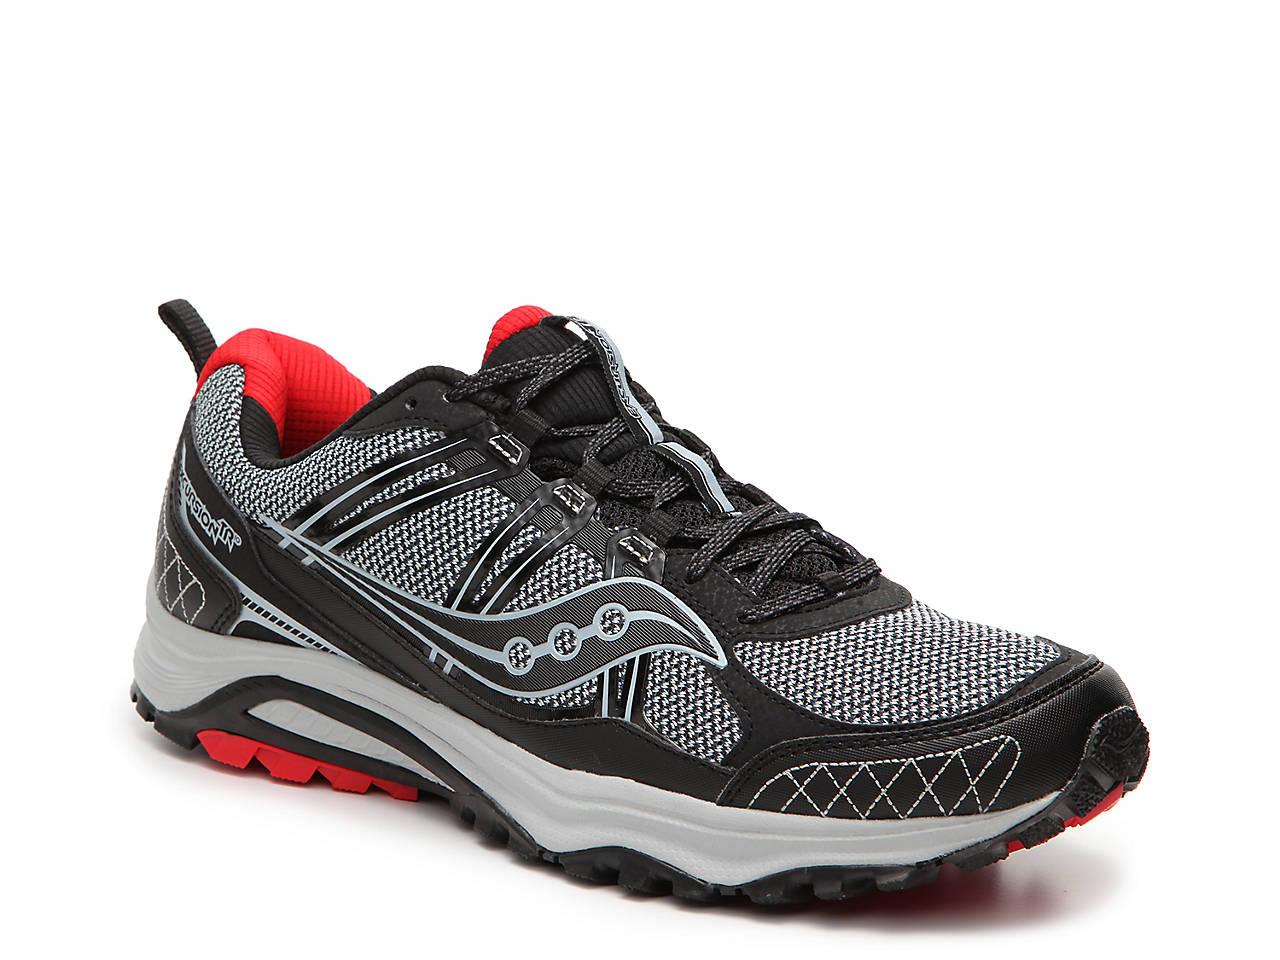 6f1b9c3b0d Saucony Grid Excursion TR 10 Trail Running Shoe - Men's Men's Shoes ...